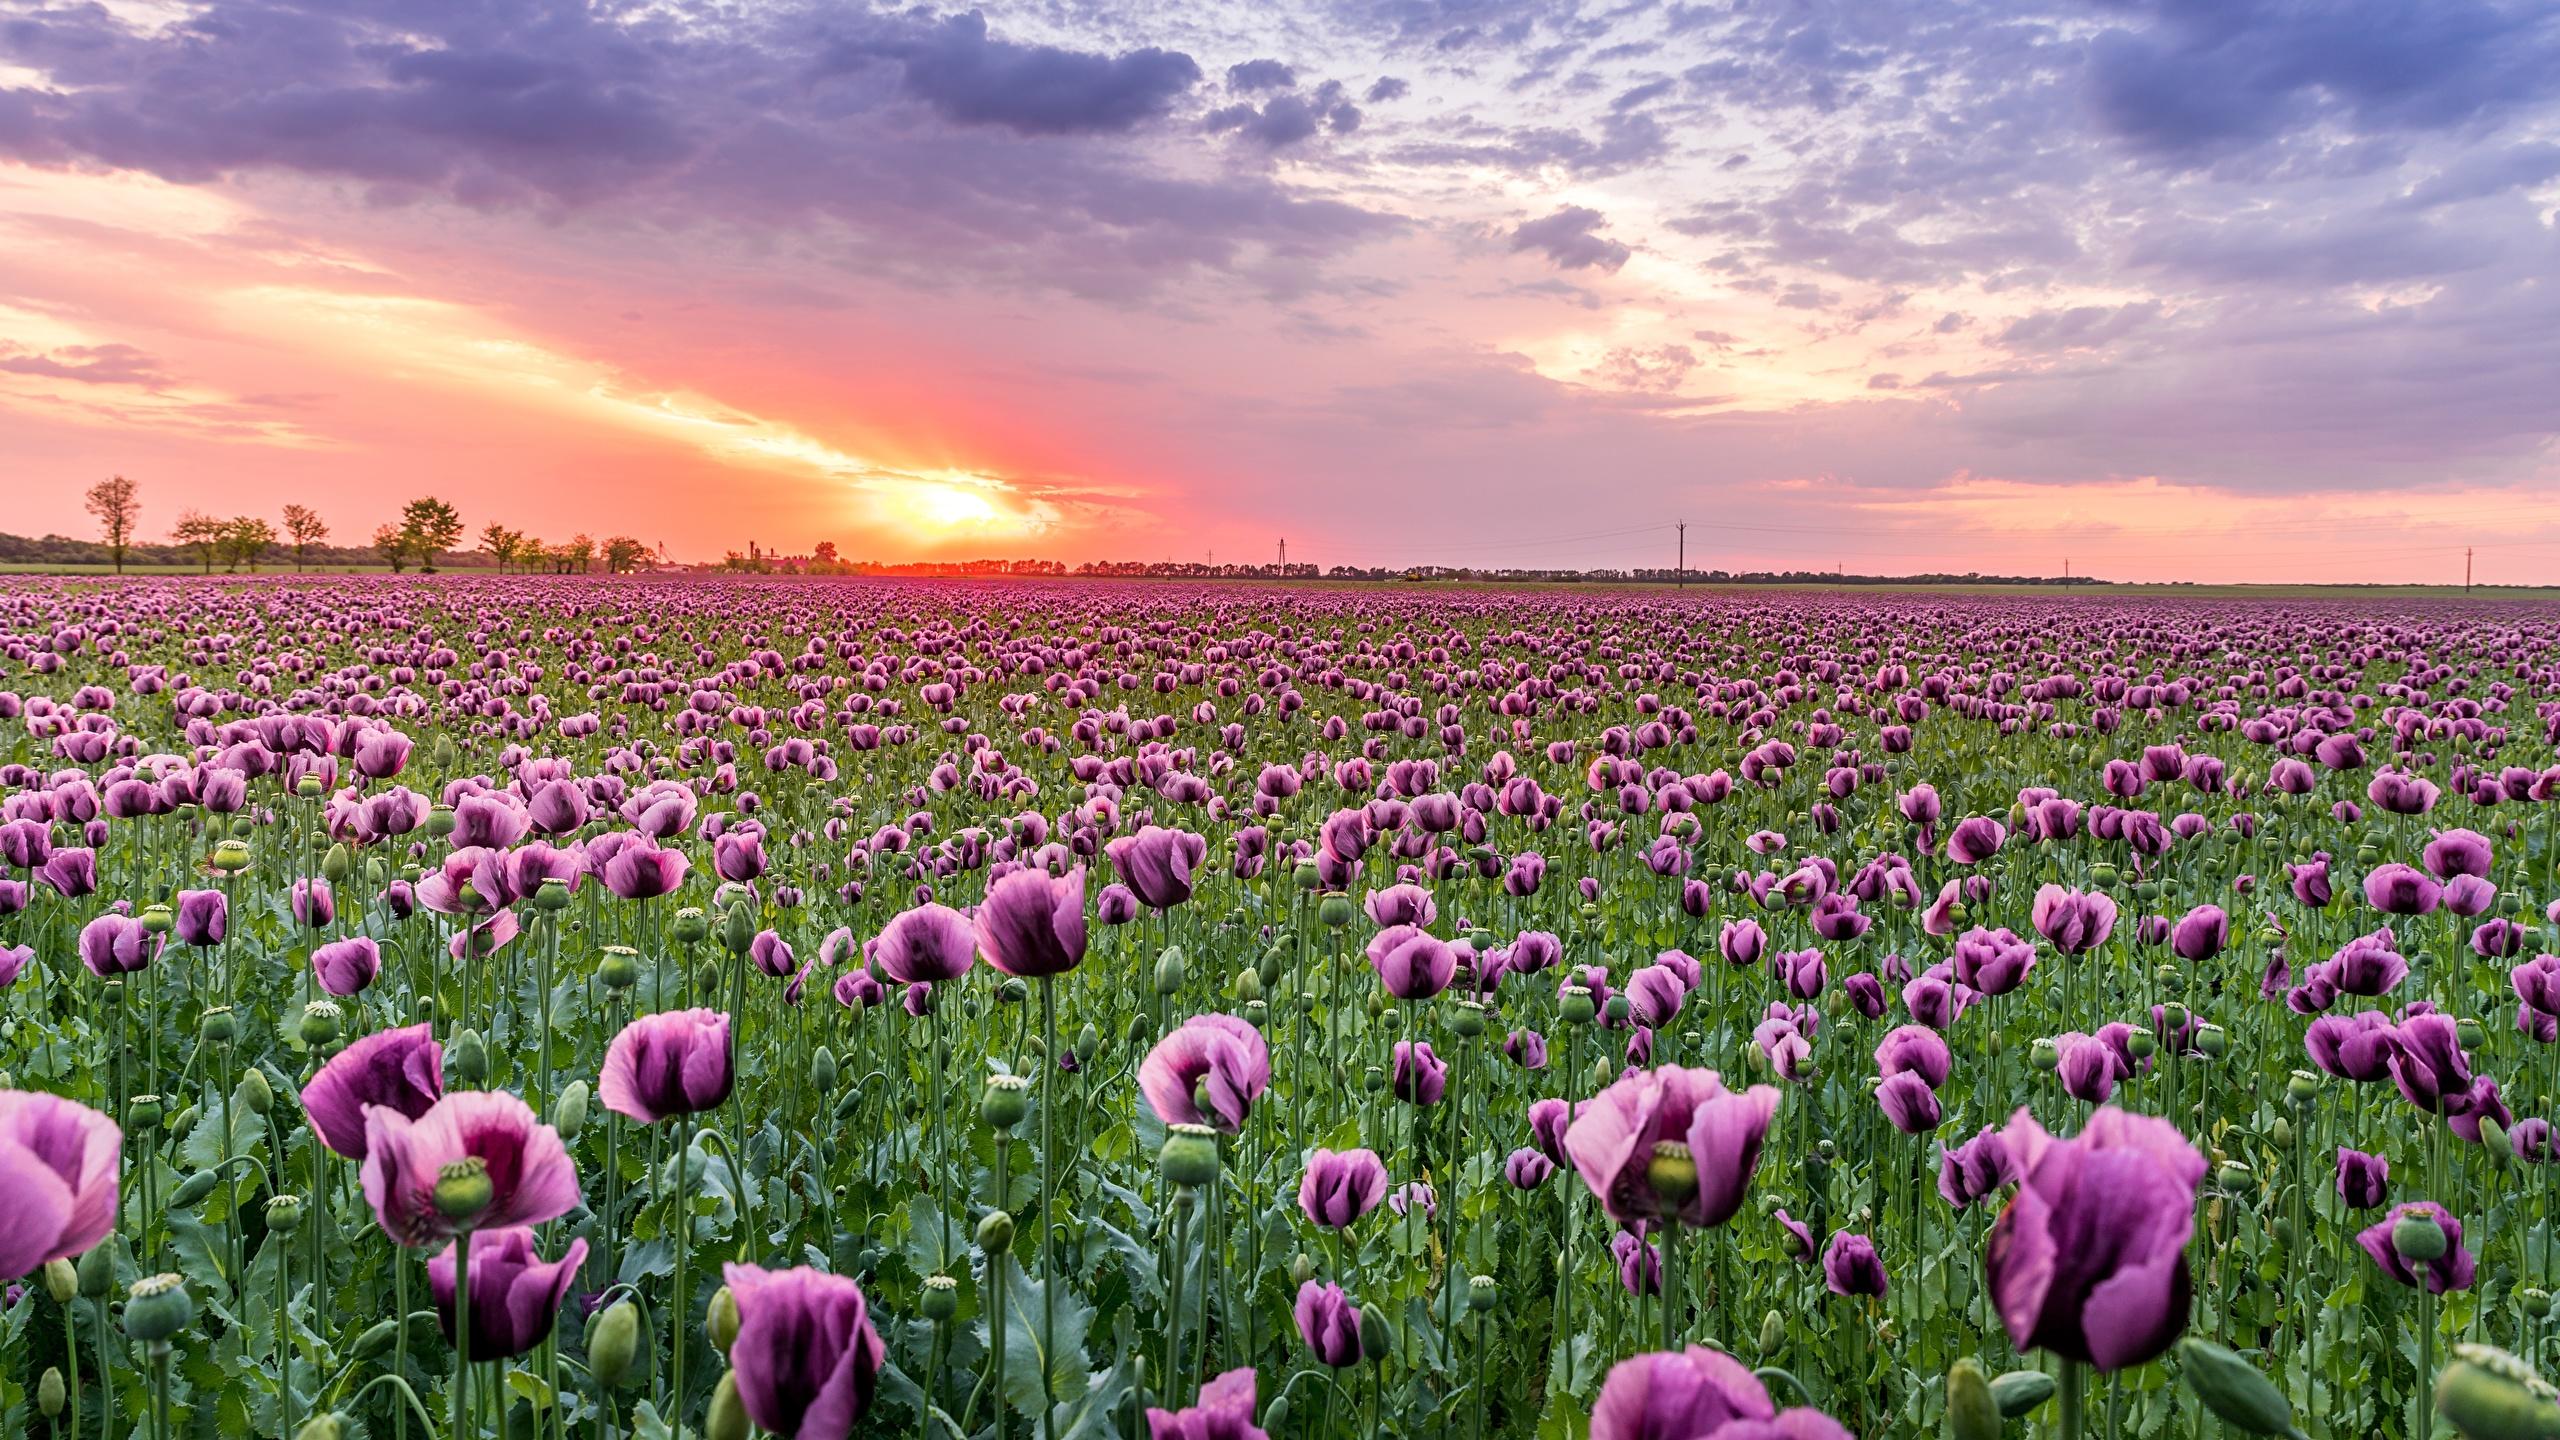 Картинка Природа Поля Маки Цветы Рассветы и закаты 2560x1440